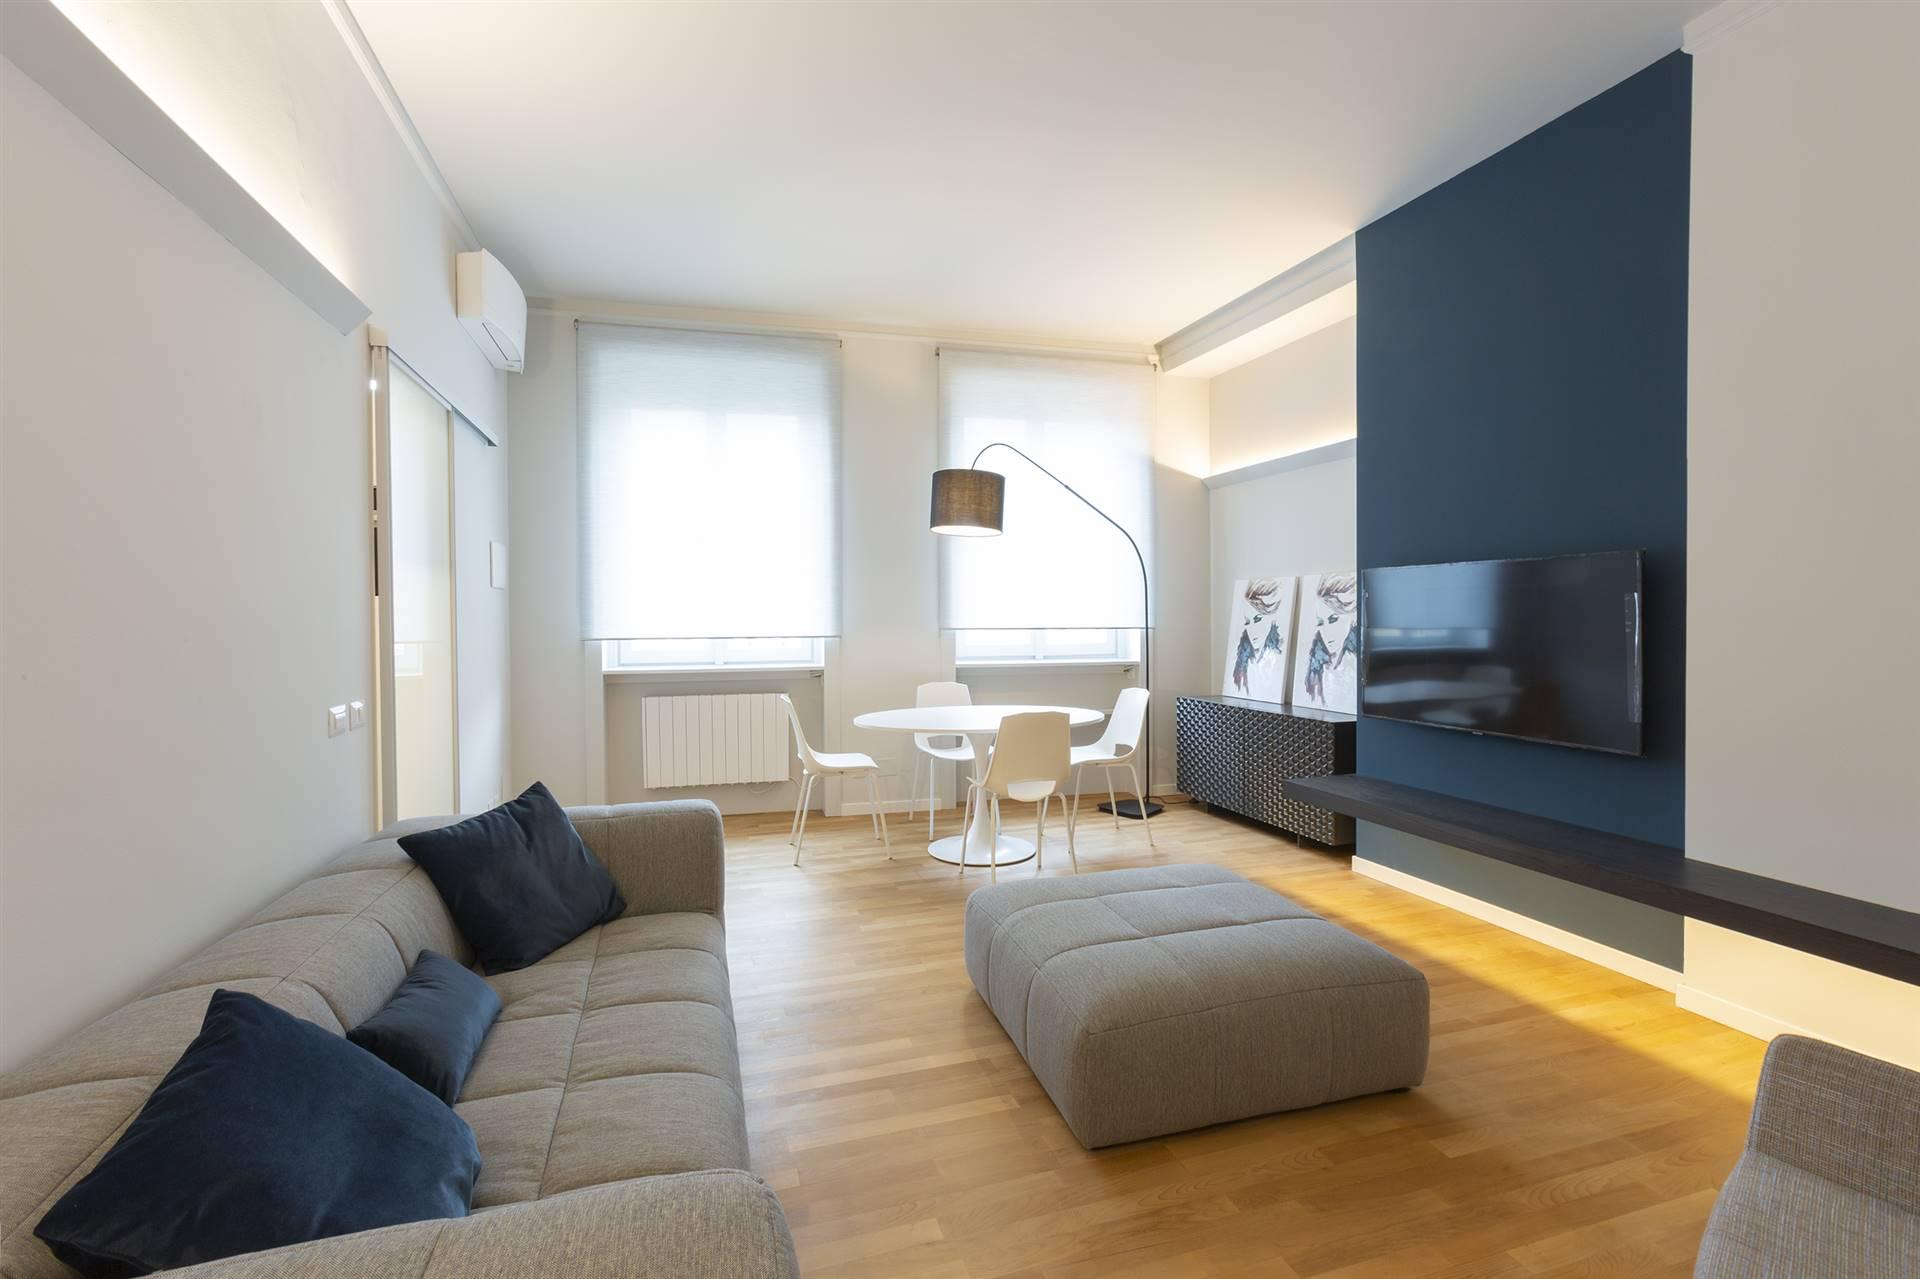 QUADRILATERO, MILANO, Appartamento in affitto di 68 Mq, Ristrutturato, Riscaldamento Centralizzato, posto al piano 5° su 10, composto da: 2 Vani,